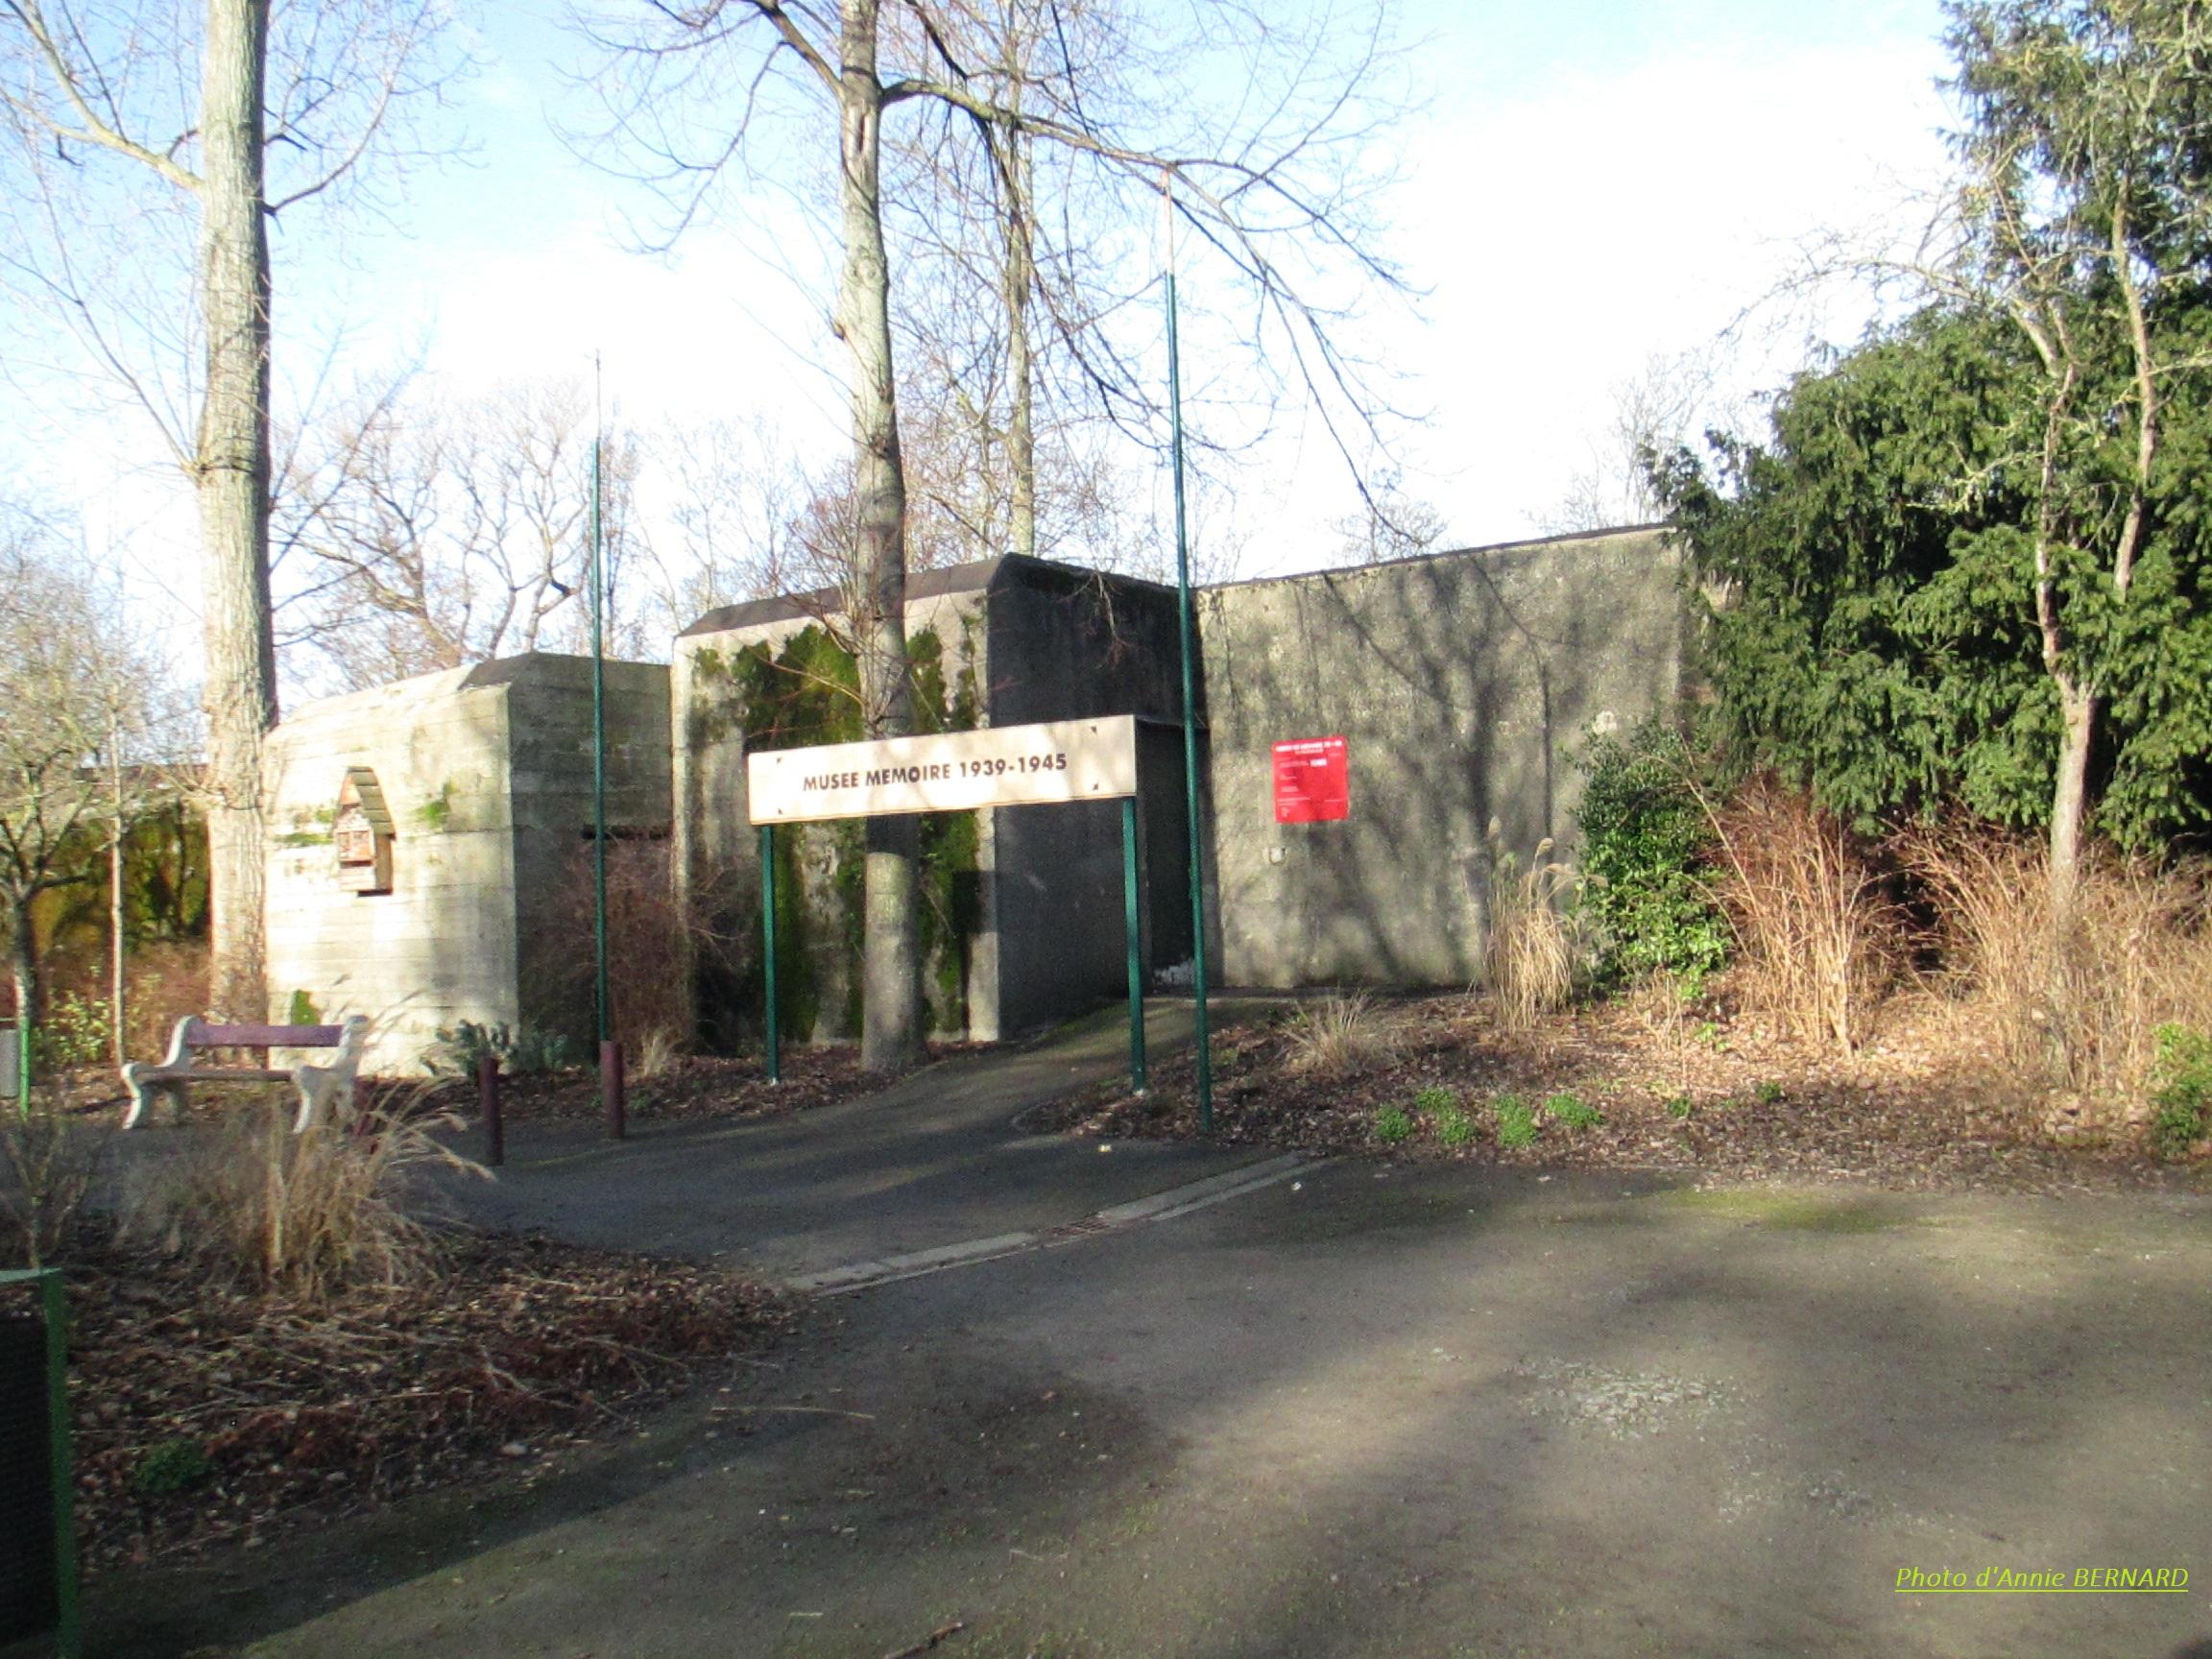 Musée mémoire 1939-1945 dans le parc Saint-Pierre